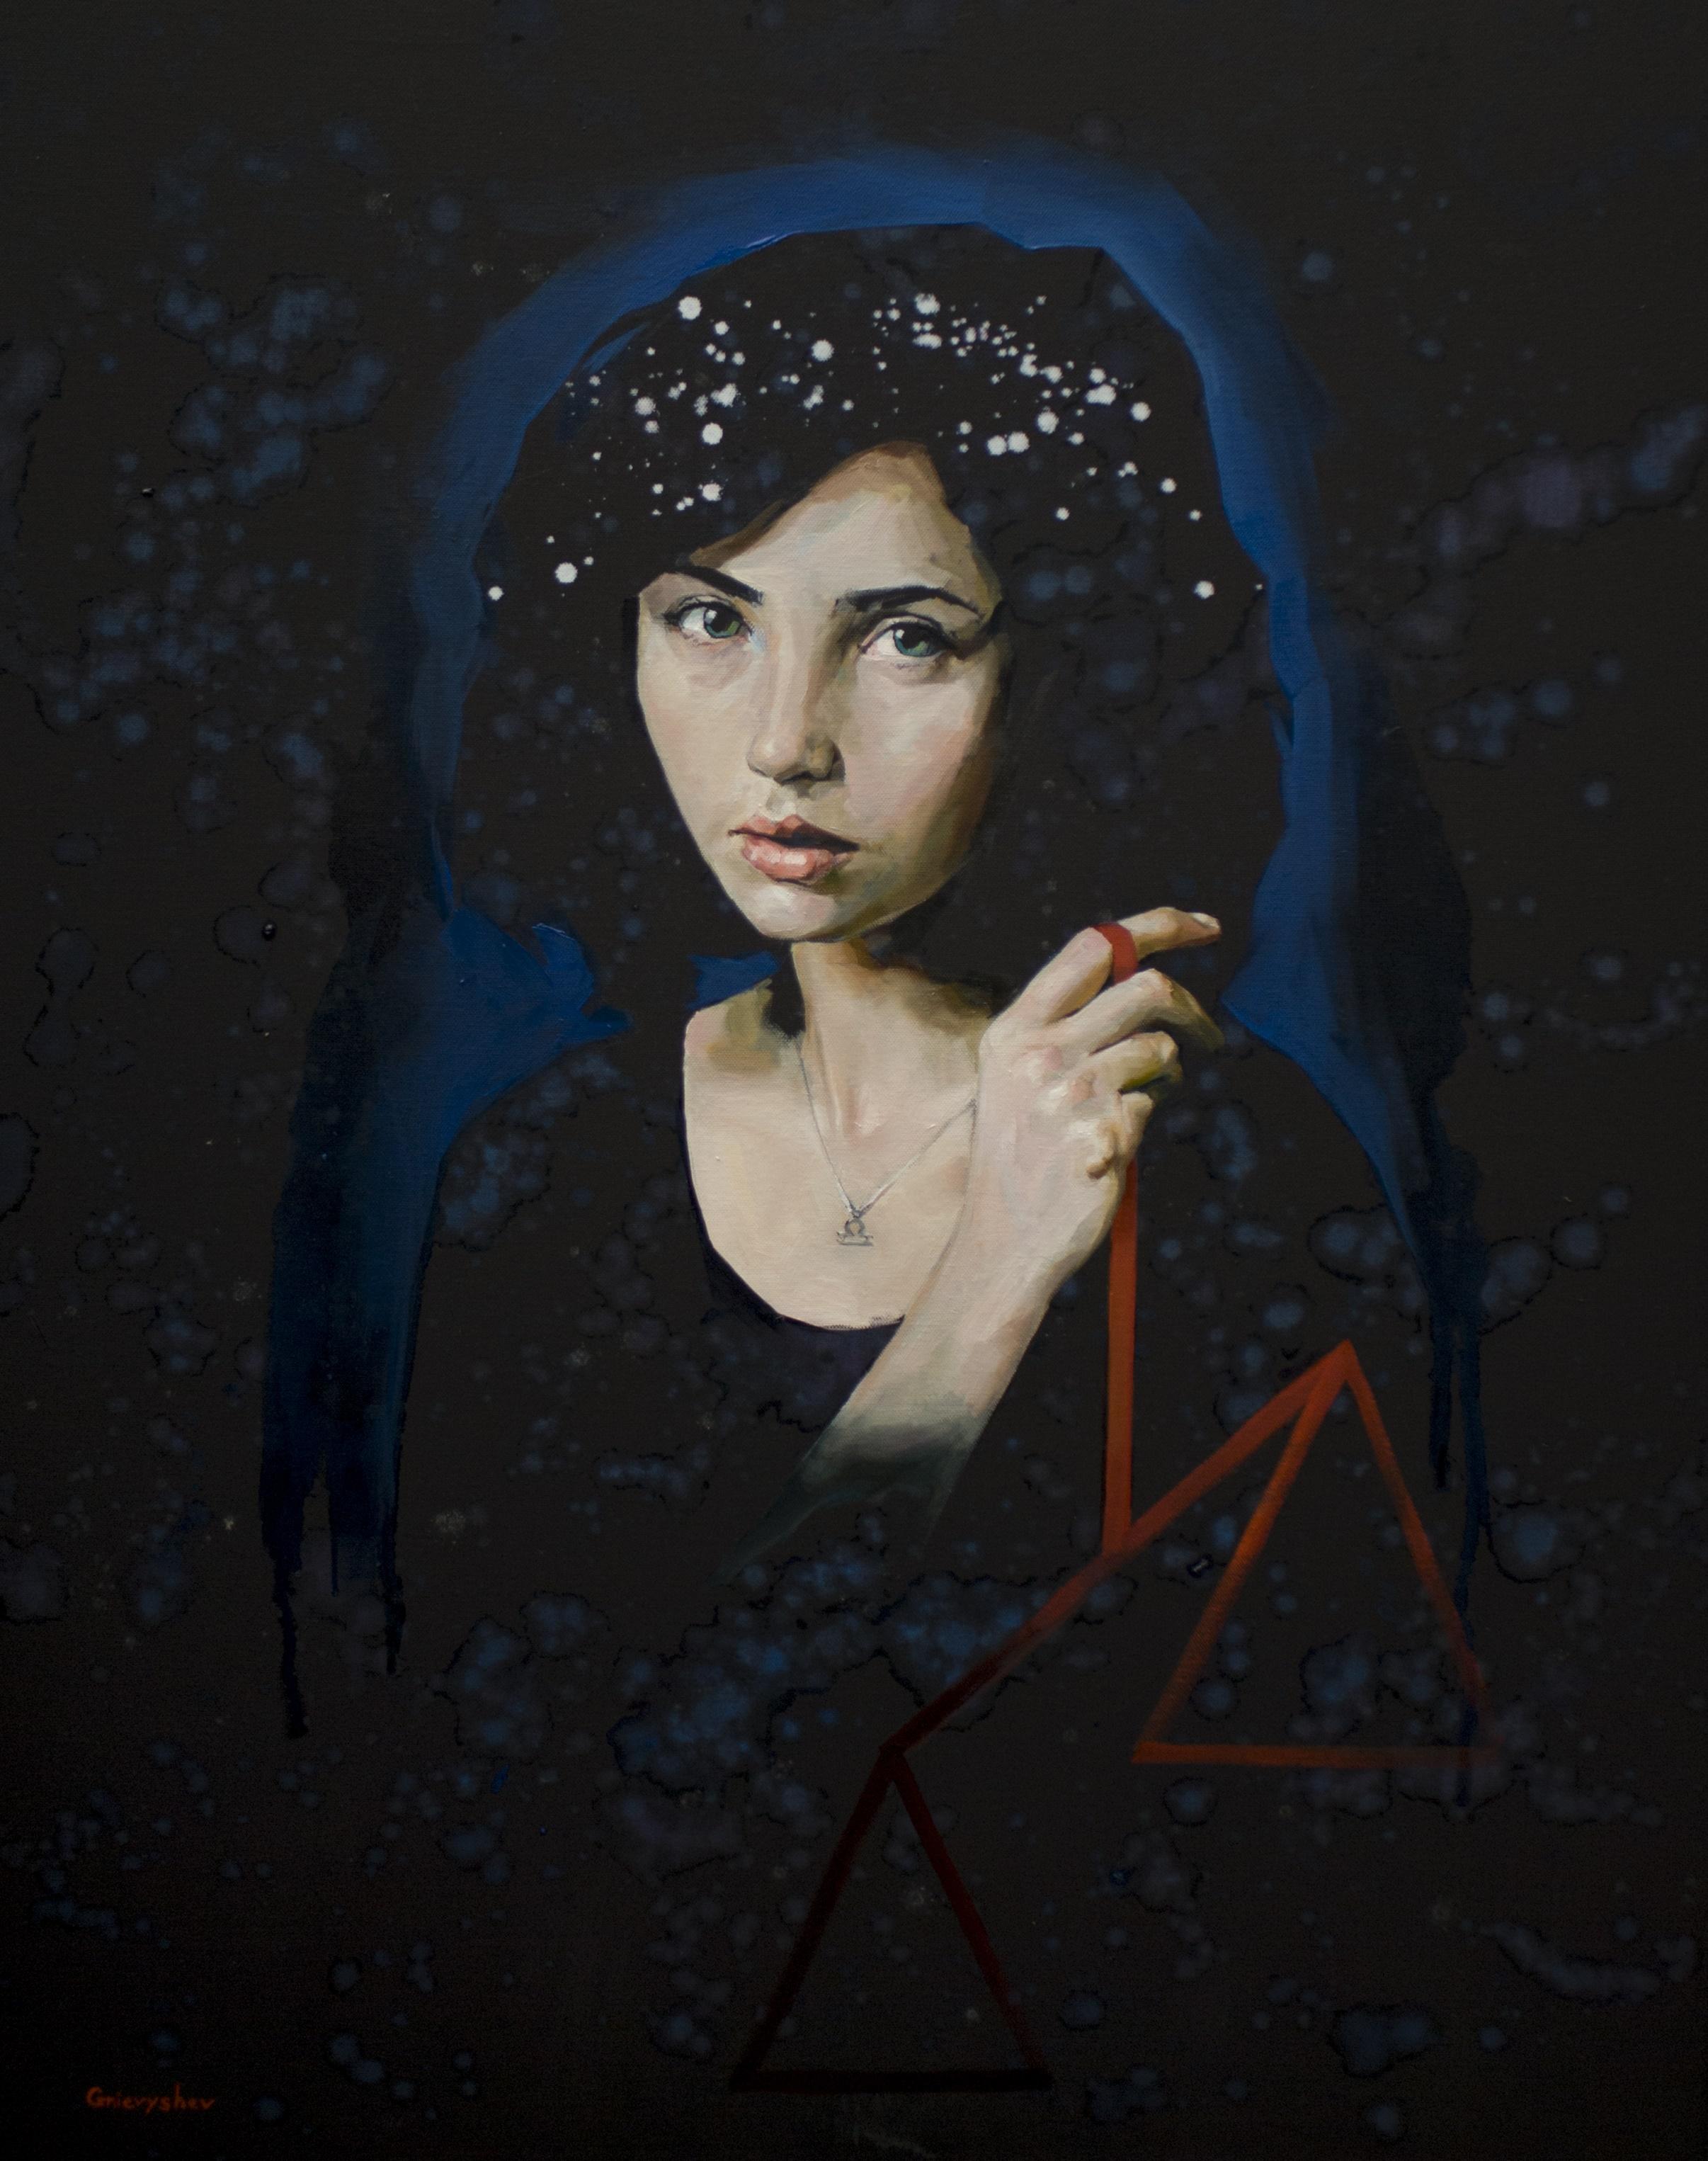 Rotte pittoriche di Oleksii Gnevyshev | Ukraine - dal 12 al 25 Maggio 2019a cura di Antonella Gemma e Immagini Spazio Arte